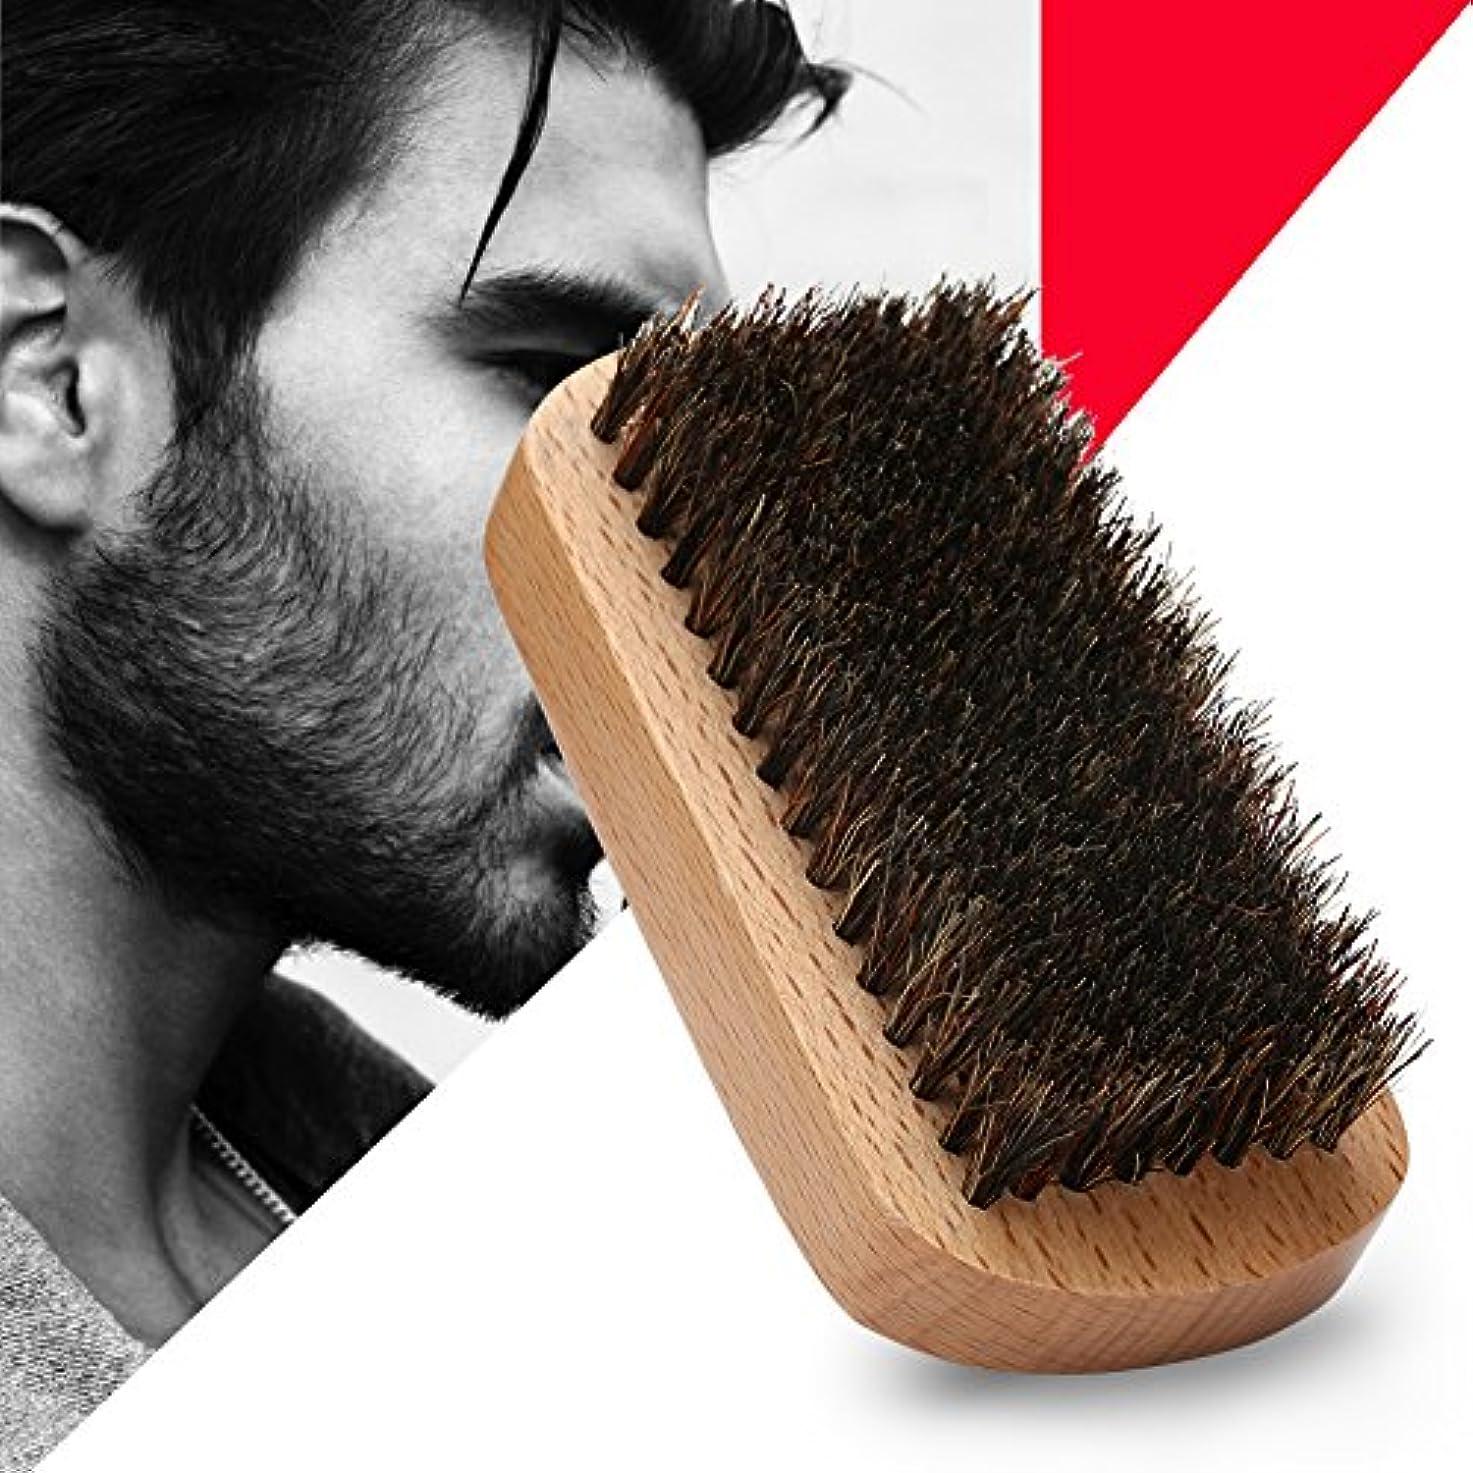 予防接種カセット人工的なシェービングブラシ メンズ ウッド 豚剛毛 クリーニング 髭剃り 泡立ち 洗顔ブラシ メンズ ブラック 長方形